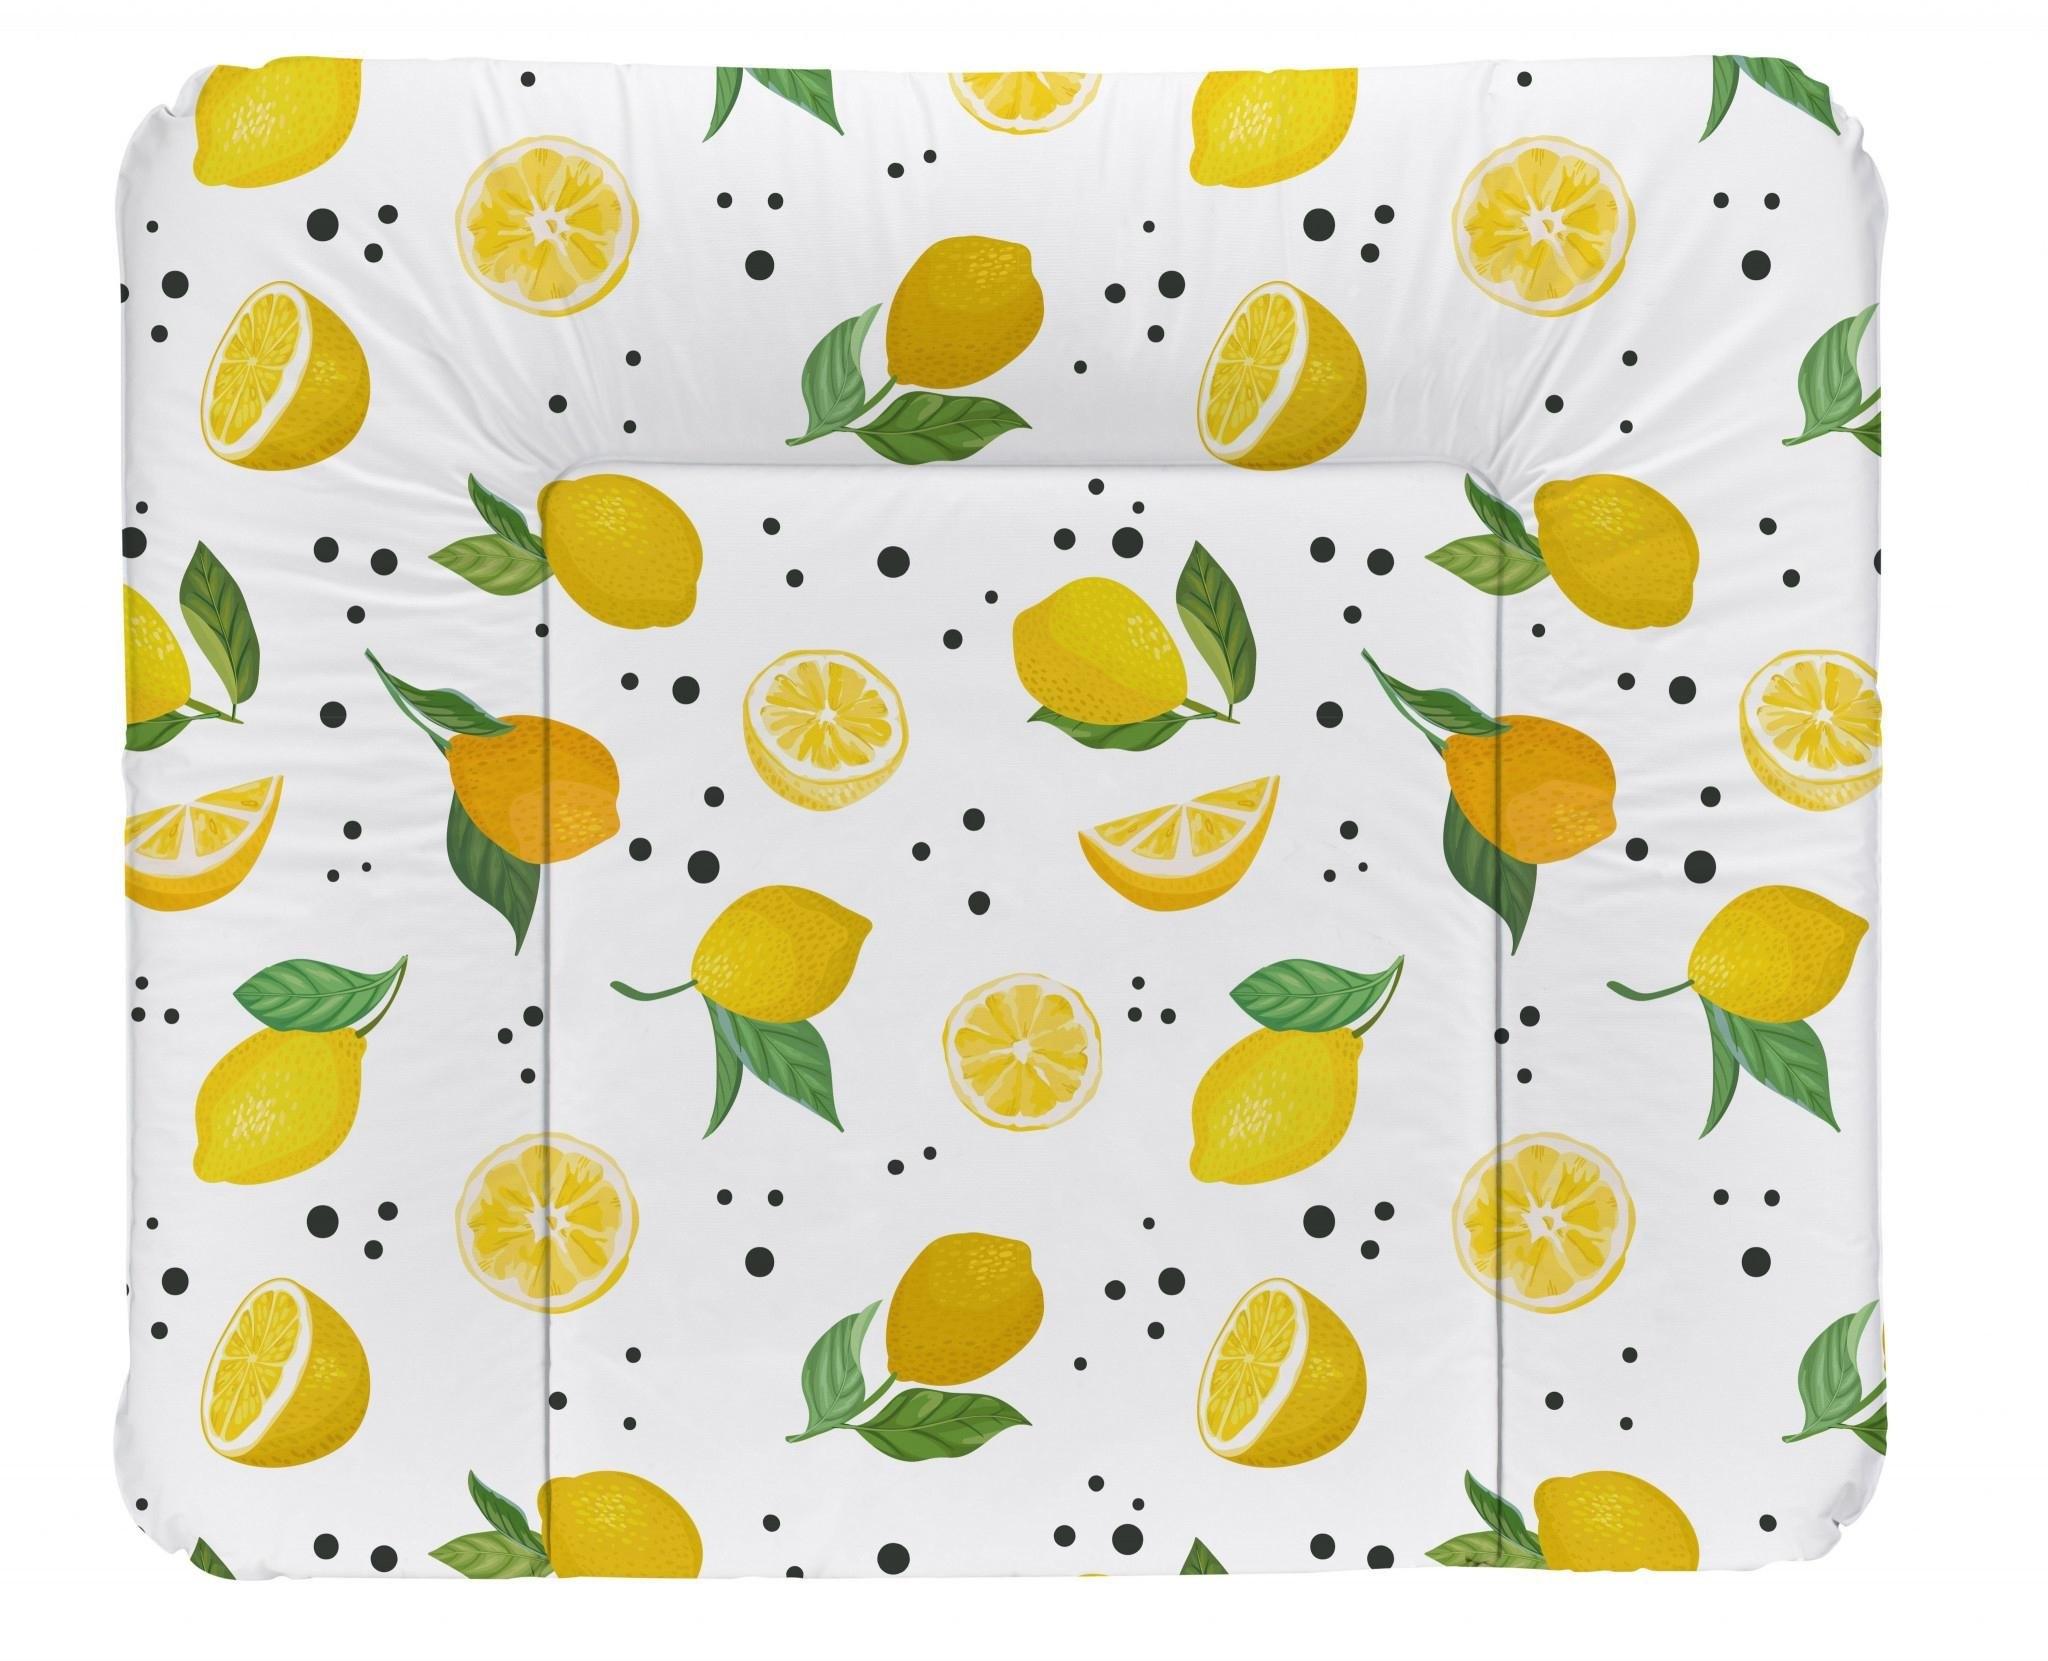 Rotho Babydesign aankleedkussen Lemon Chill Gemaakt in Europa voordelig en veilig online kopen